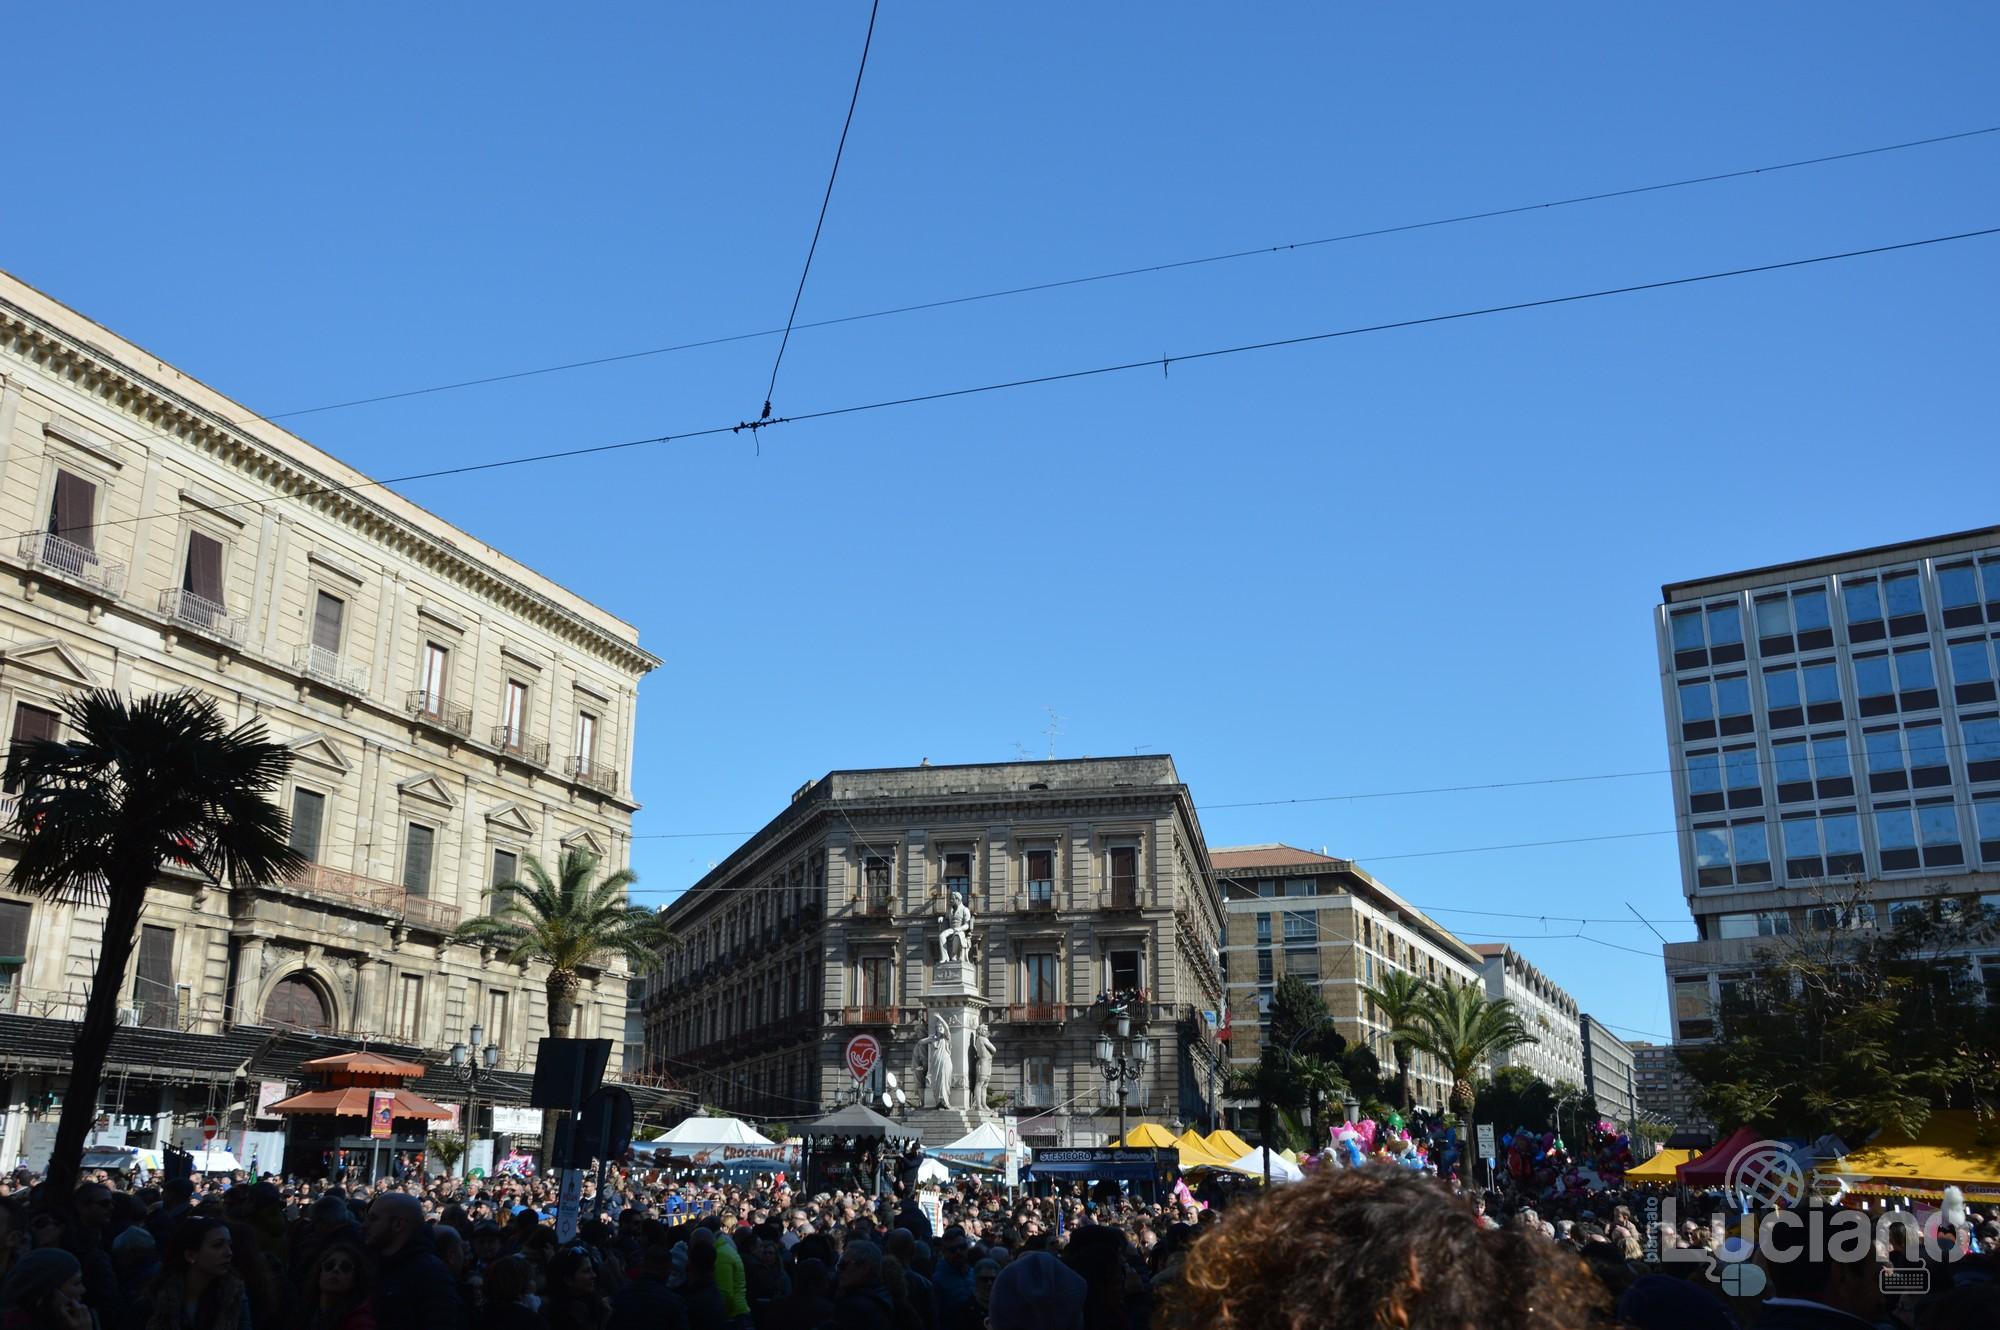 Monumento a Vincenzo Bellini in Piazza Stesicoro. In giro per catania, durante i festeggiamenti per Sant'Agata 2019 - Catania (CT)